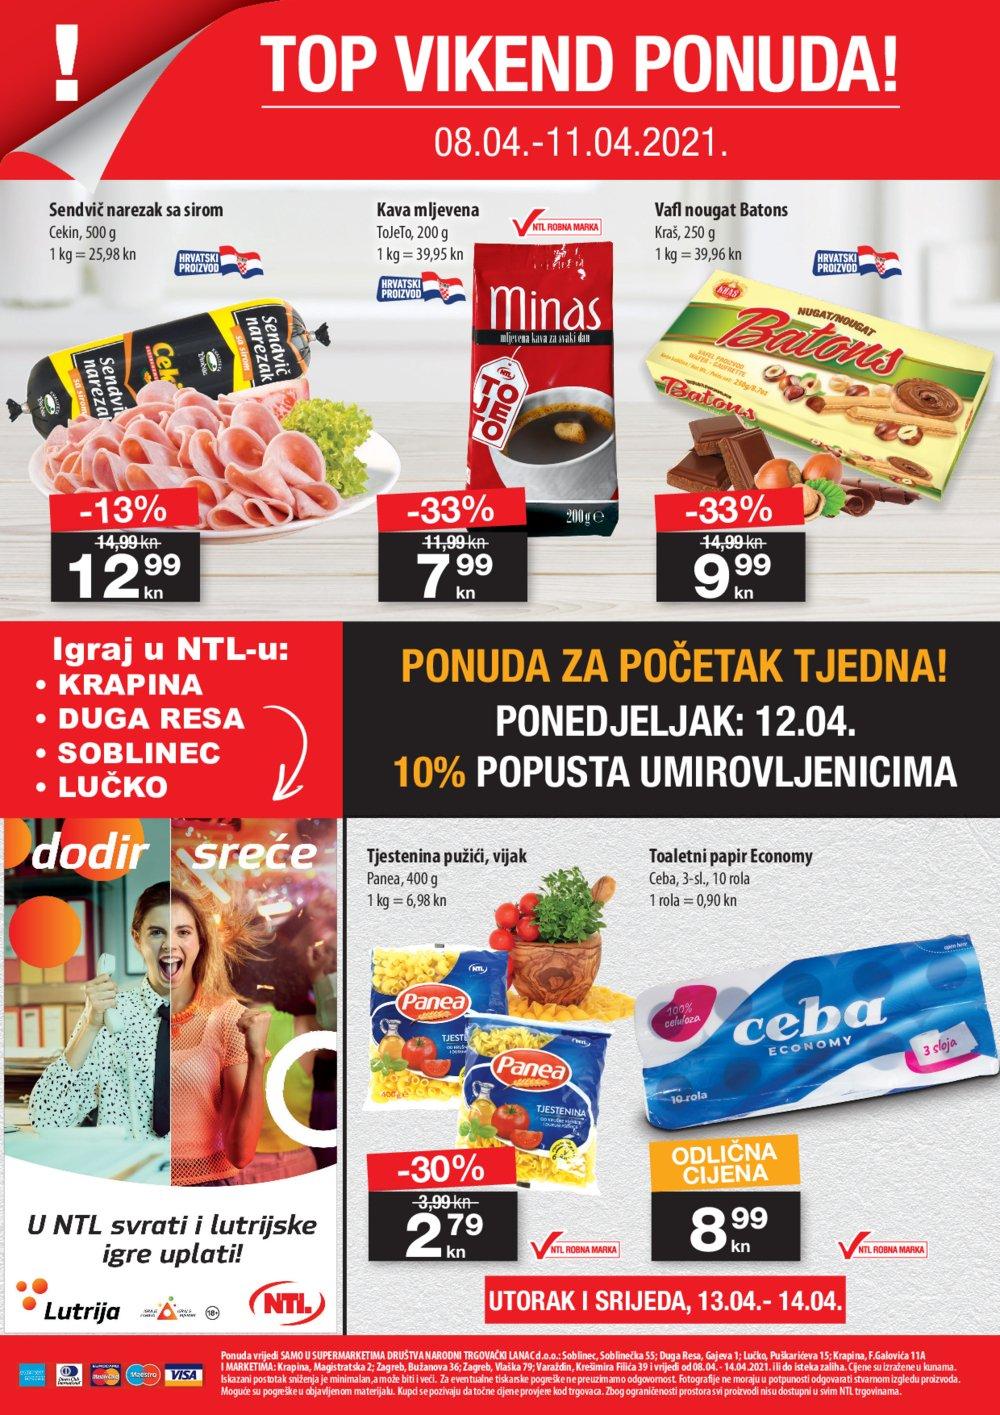 NTL katalog Akcija 08.04.-14.04.2021. Soblinec, Duga Resa, Lučko, Krapina, Zagreb, Varaždin